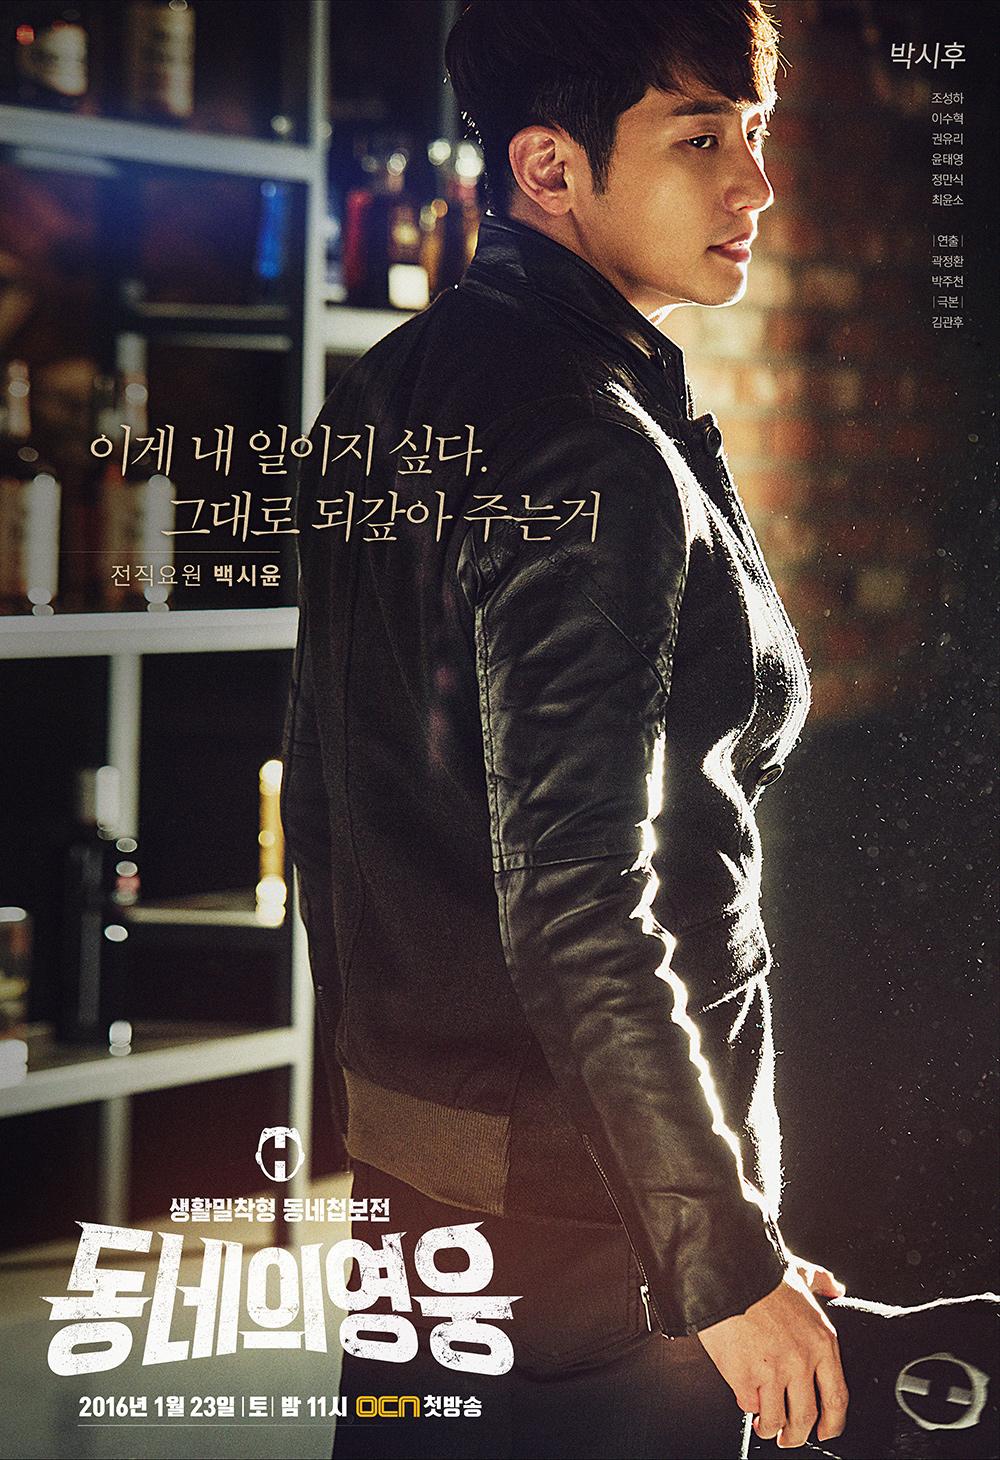 Дорама Герой по соседству (동네의 영웅, Dongneui Youngwoong, Neighborhood's Hero) - каст сериала, промо (06).jpg